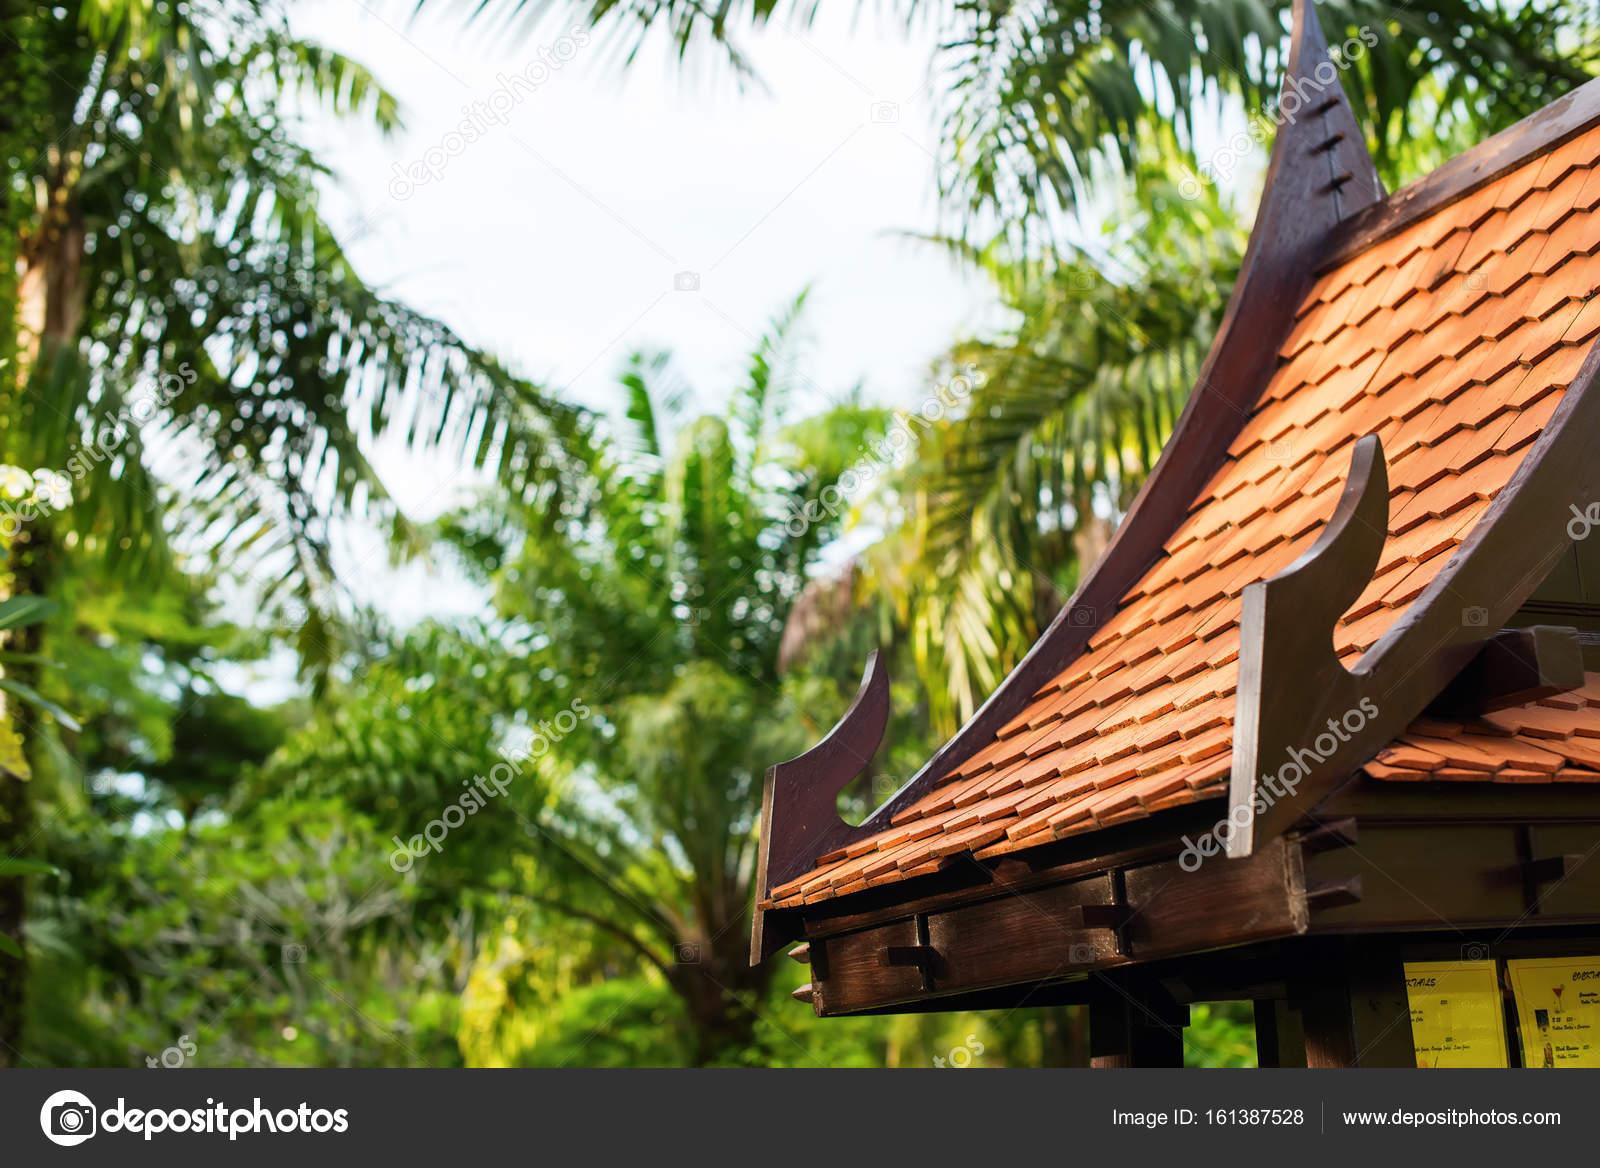 Asiatische Laube Garten Buddhismus Gebäude Hintergrund Stockfoto